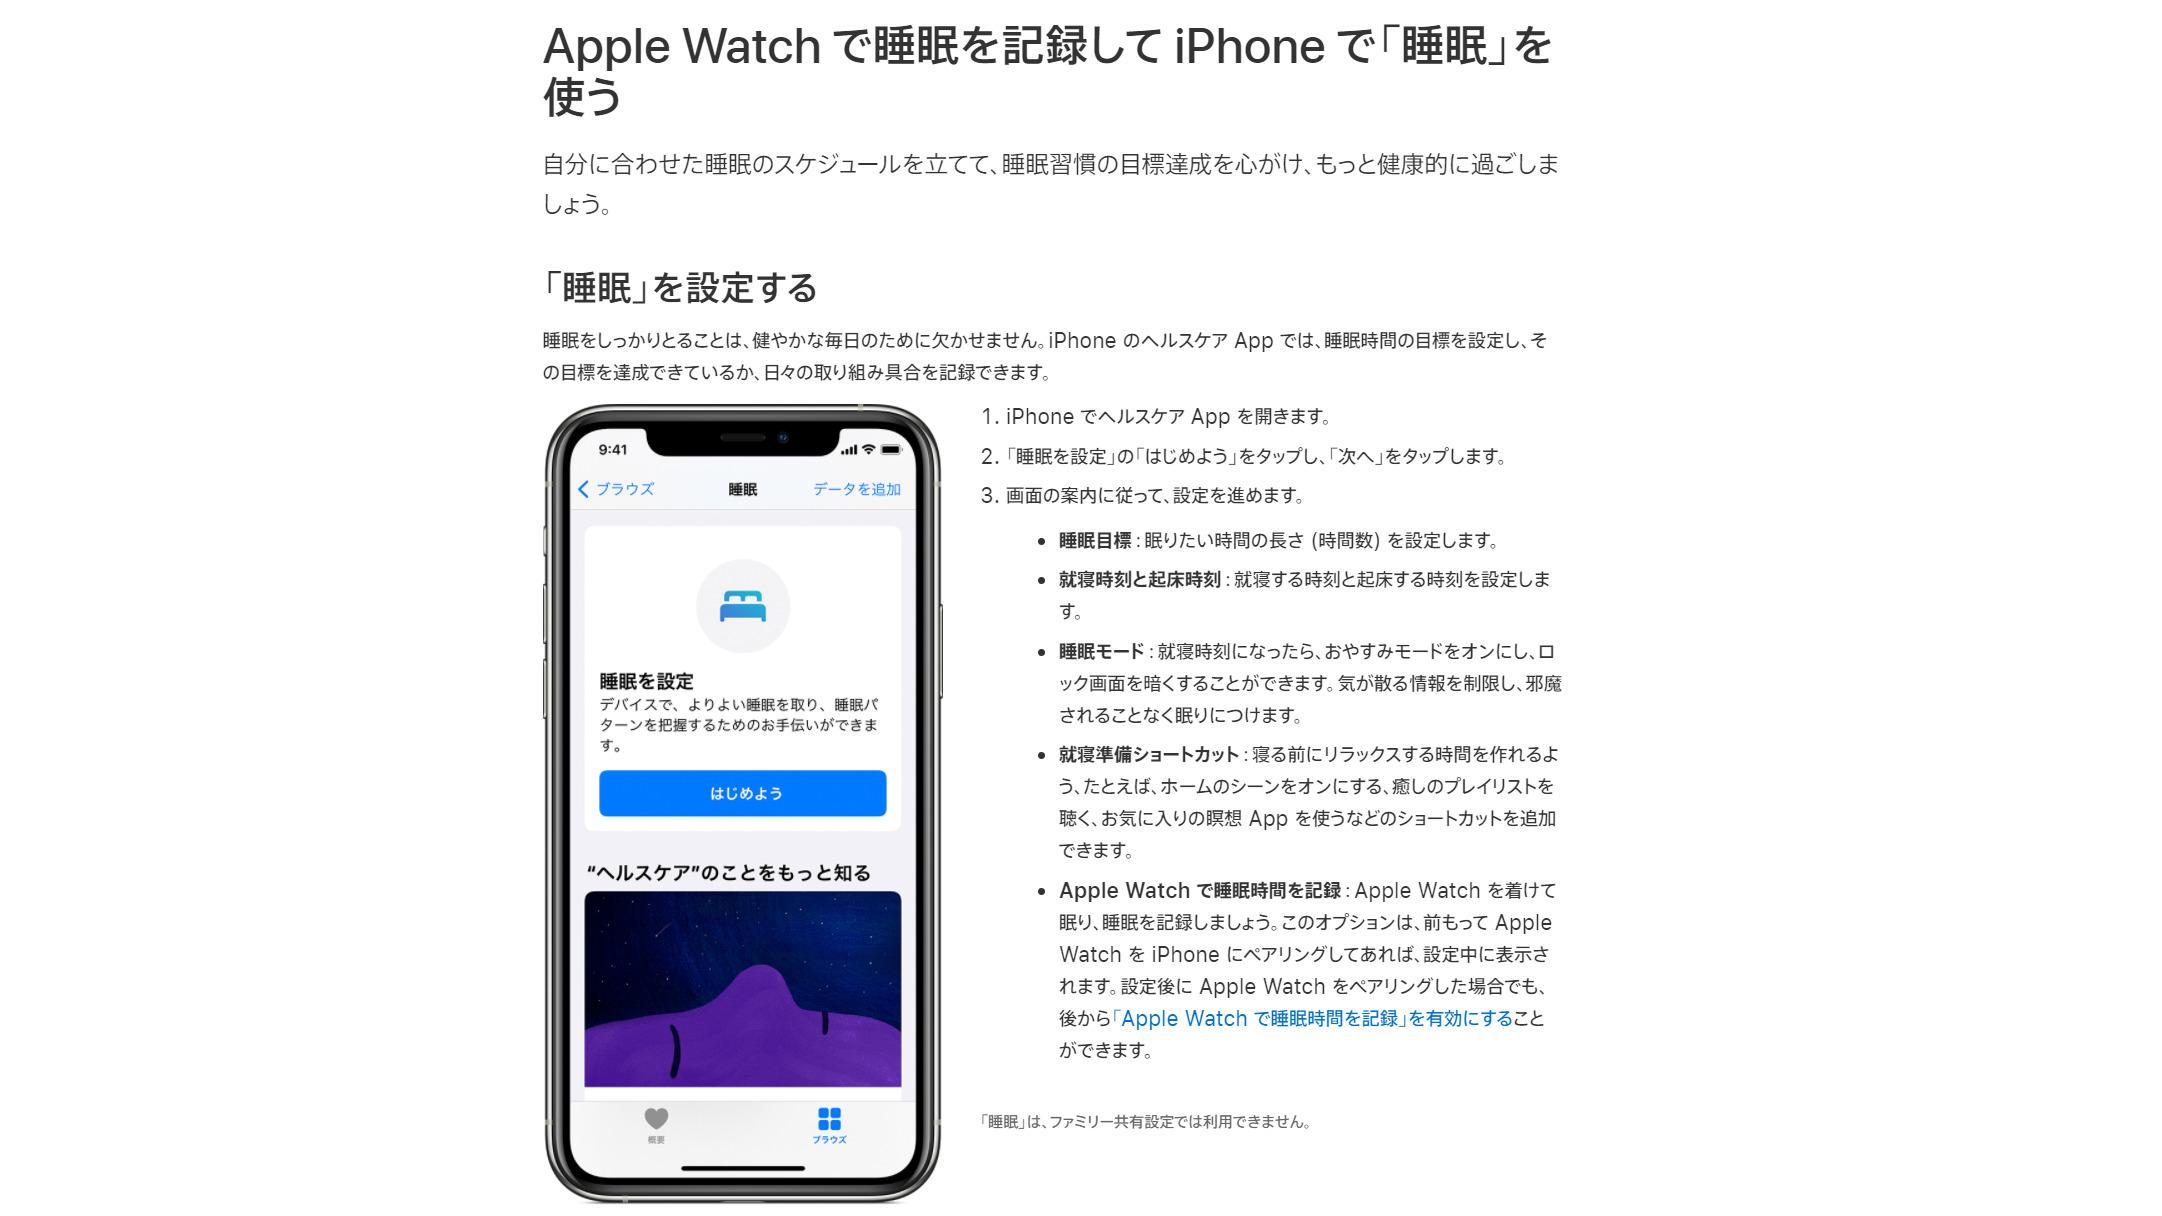 Apple Watch 睡眠記録